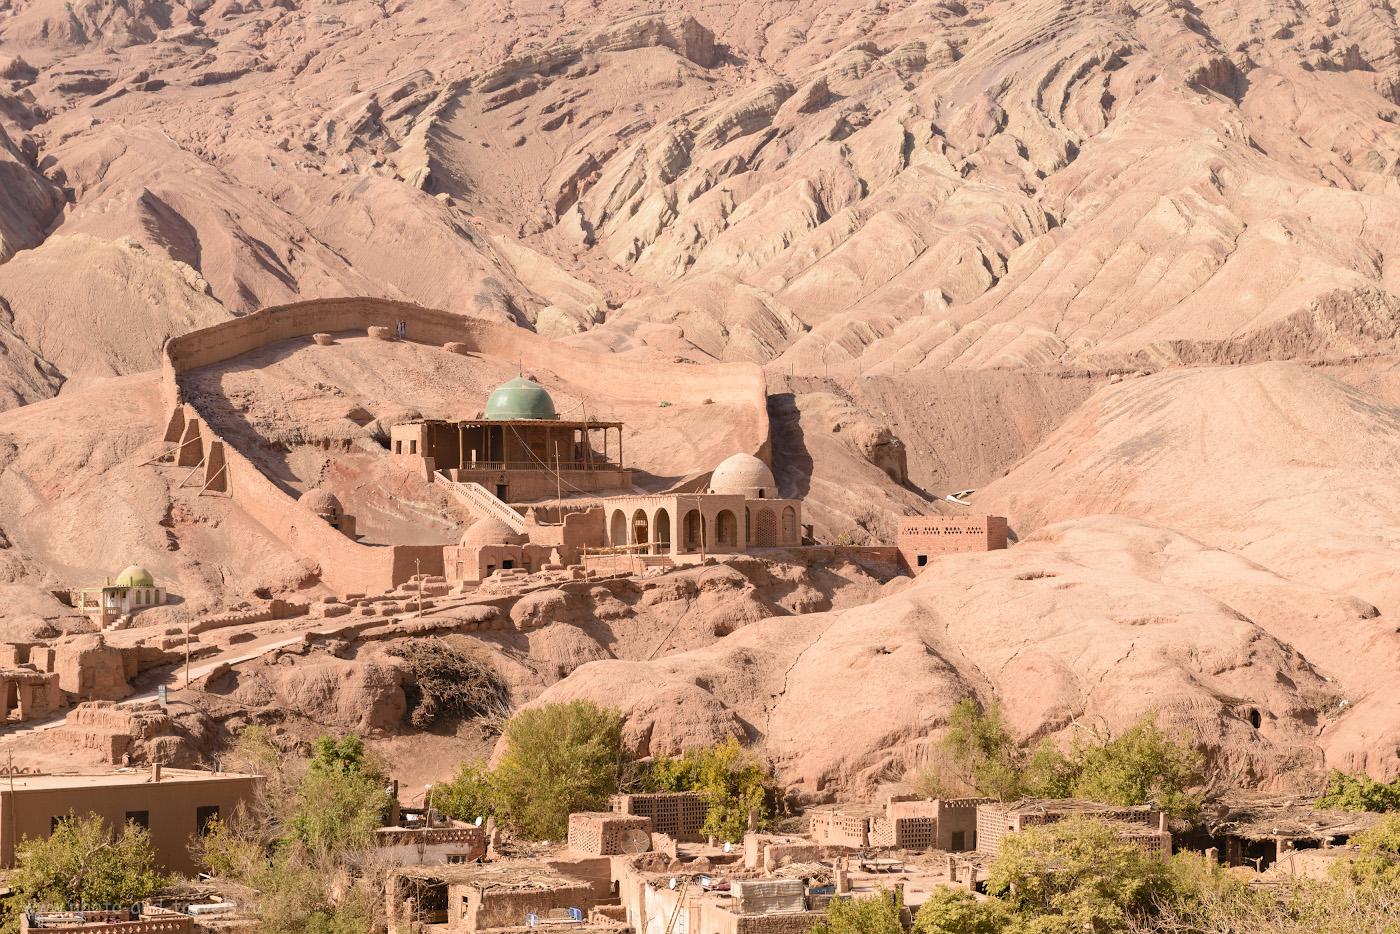 Фото 15. Пещера Асхаб аль-Кахф Мазар - священное для китайских мусульман место. Что посмотреть в окрестностях Урумчи. 1/200, +0.67, 8.0, 100, 62.